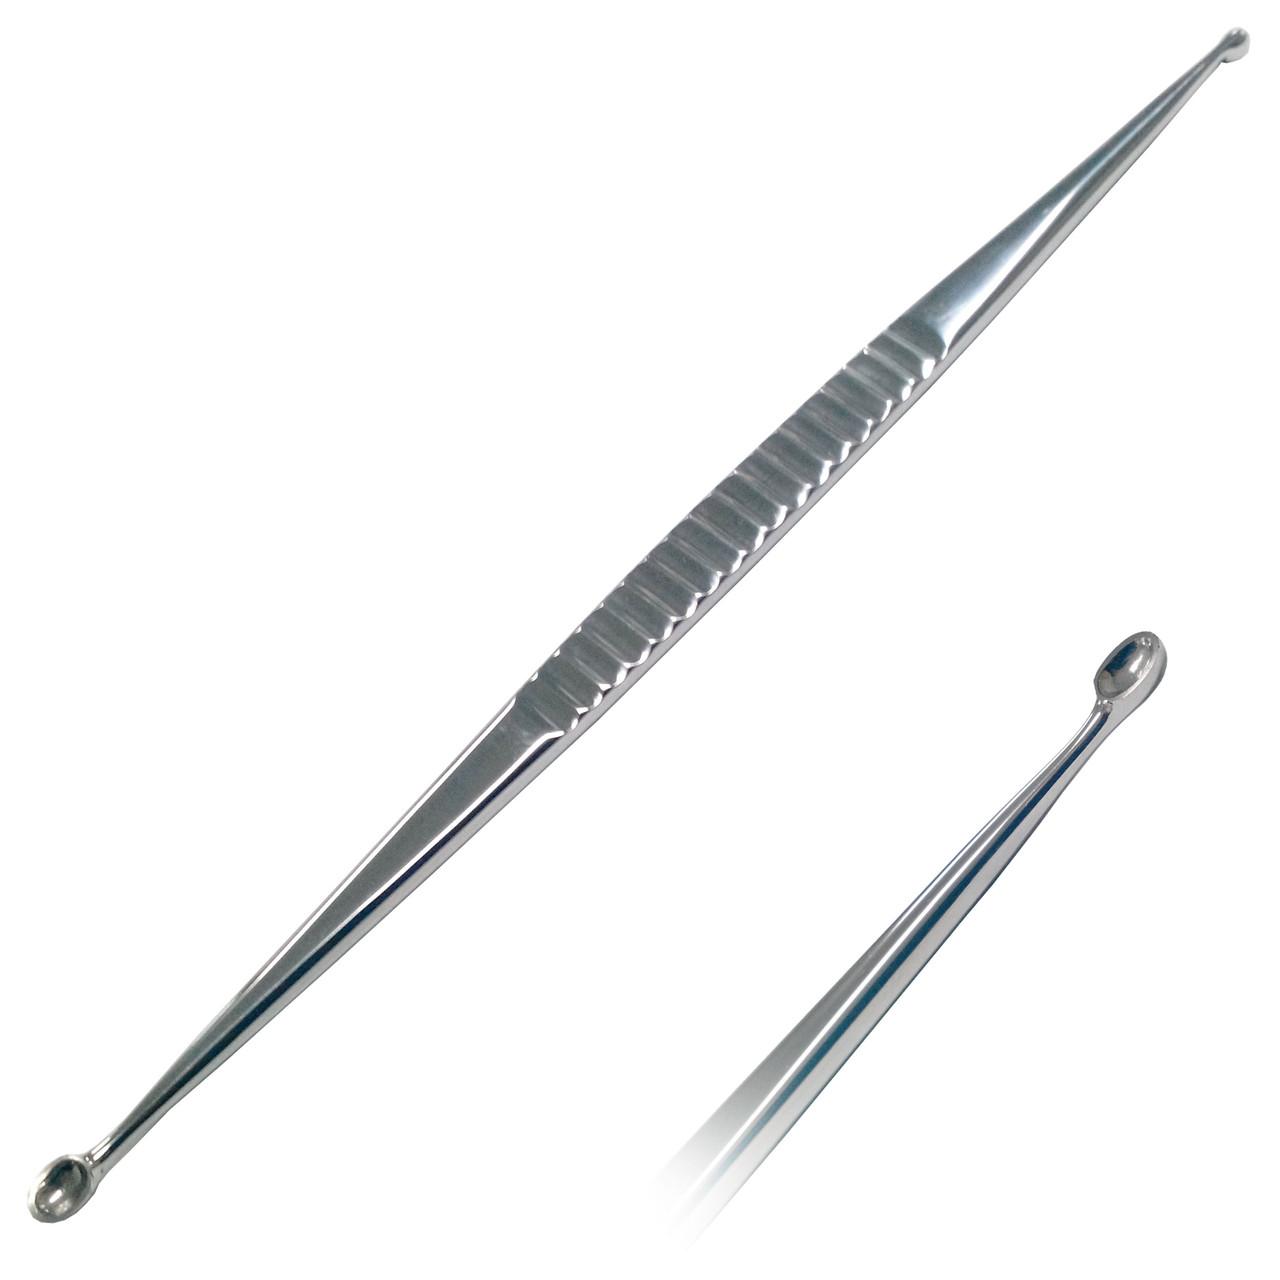 Ложка ушная двухсторонняя острая. Длина 16 см. Размер рабочей части 4 мм и 3 мм Surgiwelomed